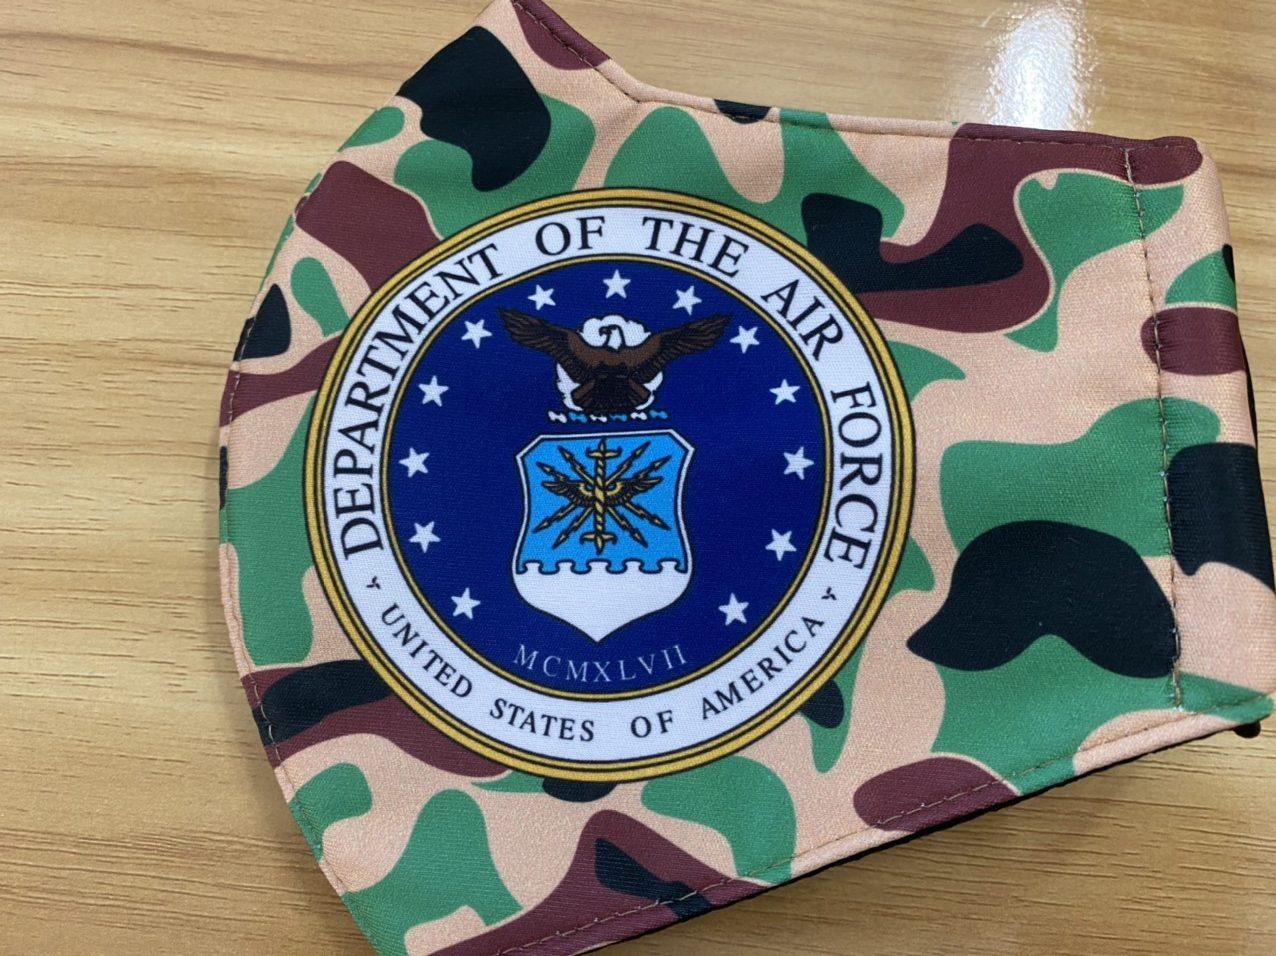 Khẩu Trang Vải In Logo Không Quân Mỹ 2 Lớp - Mẫu Khẩu Trang In 3D Logo  Của Lực Lượng Không Quân Mỹ  Nền Camo 6